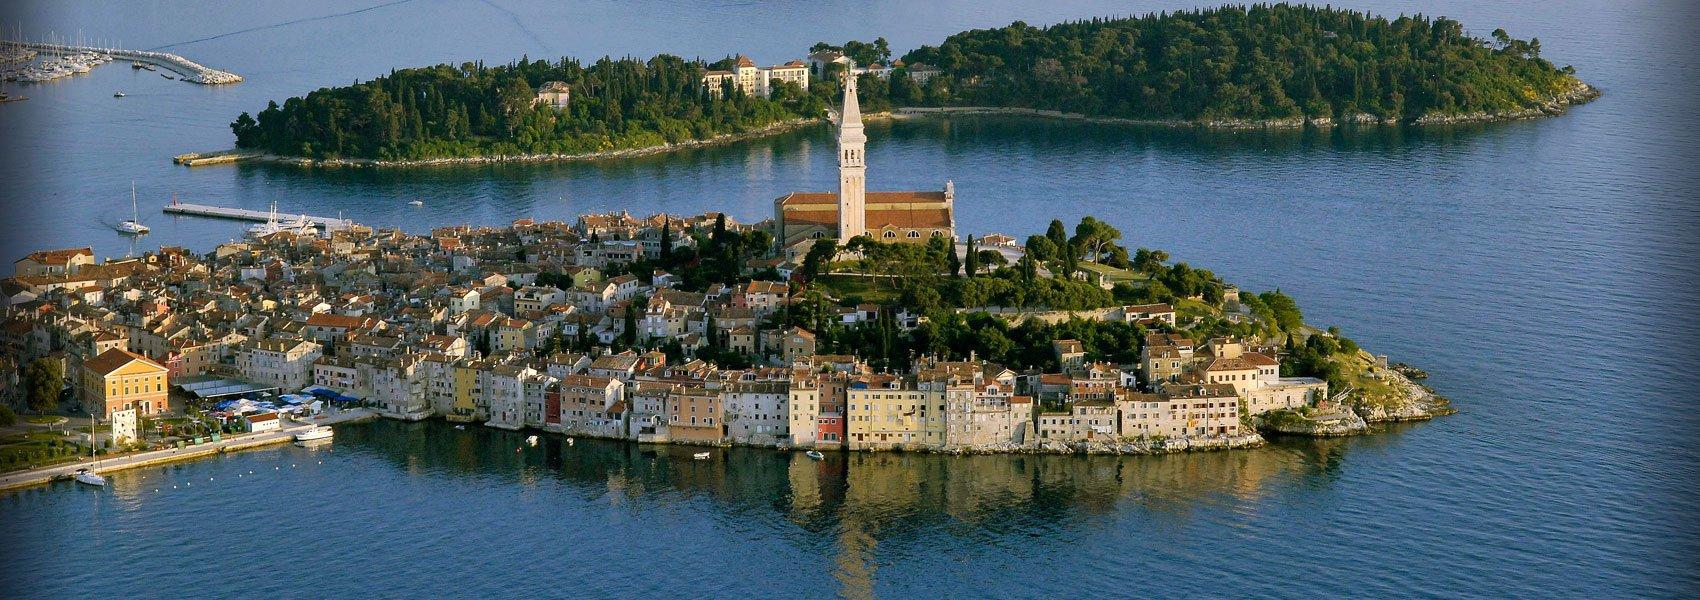 Best Hotels In Rovinj